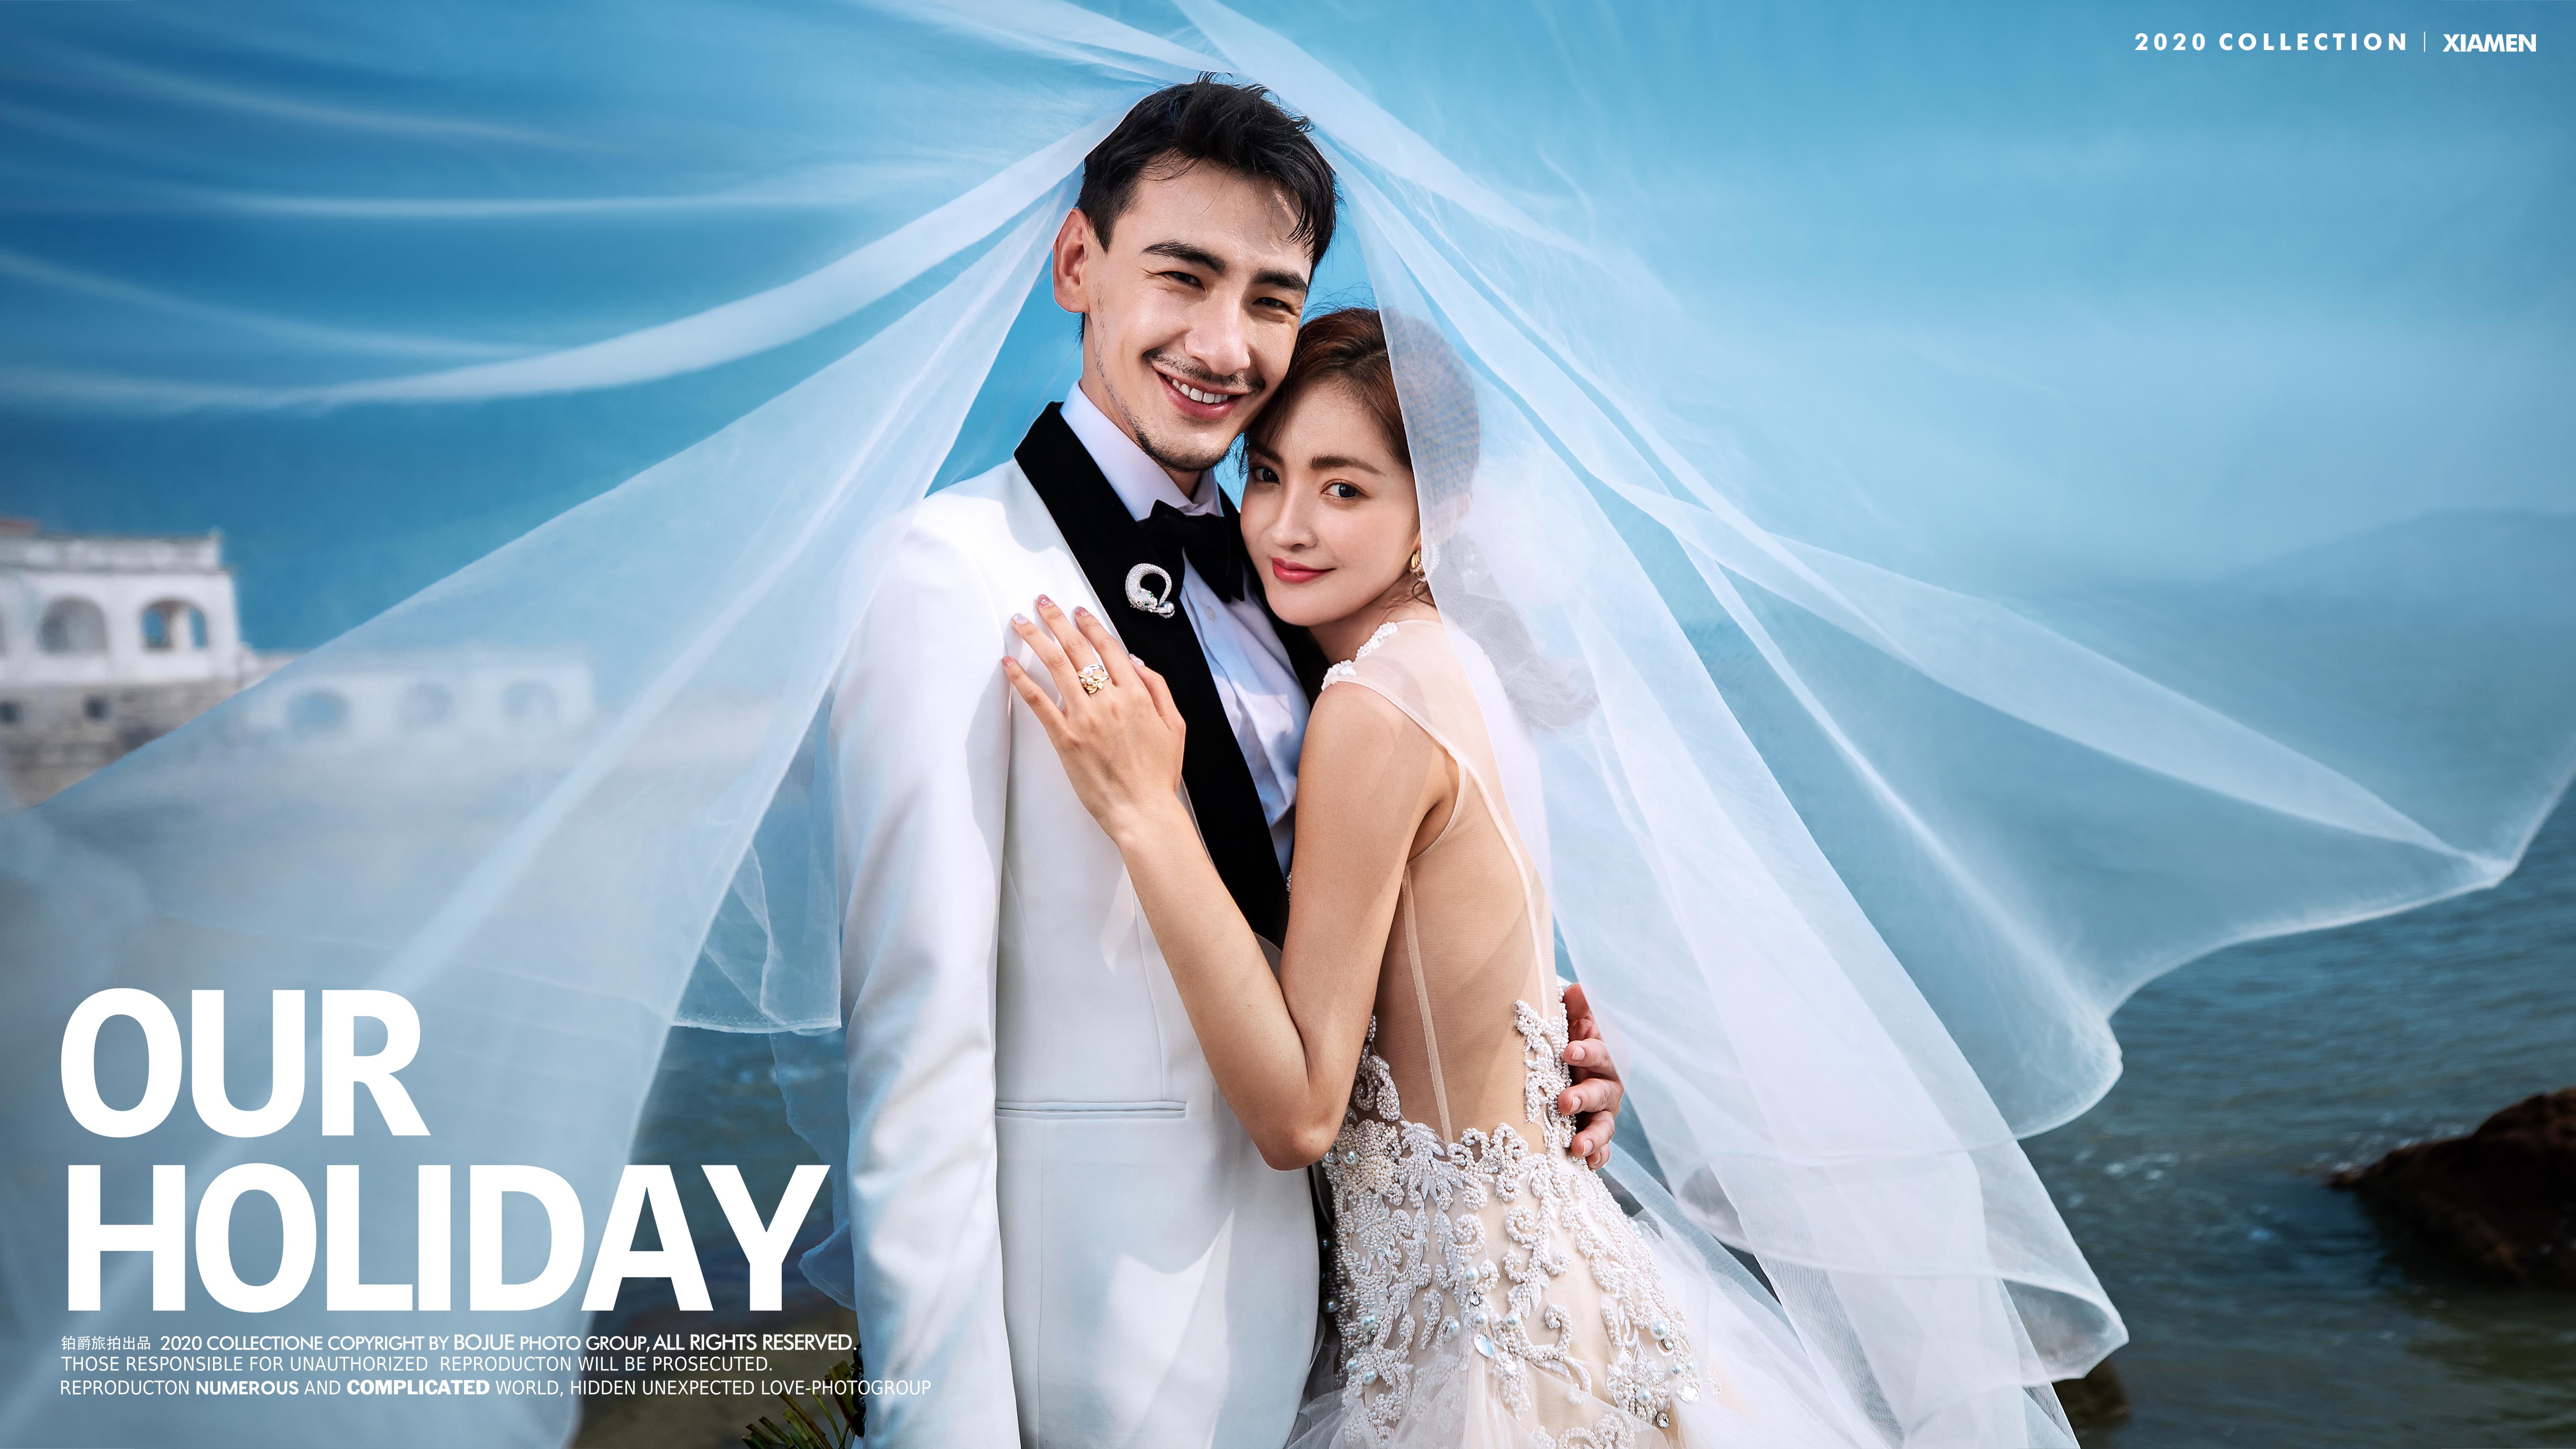 拍婚纱照怎么笑好看 婚纱照拍摄笑容攻略